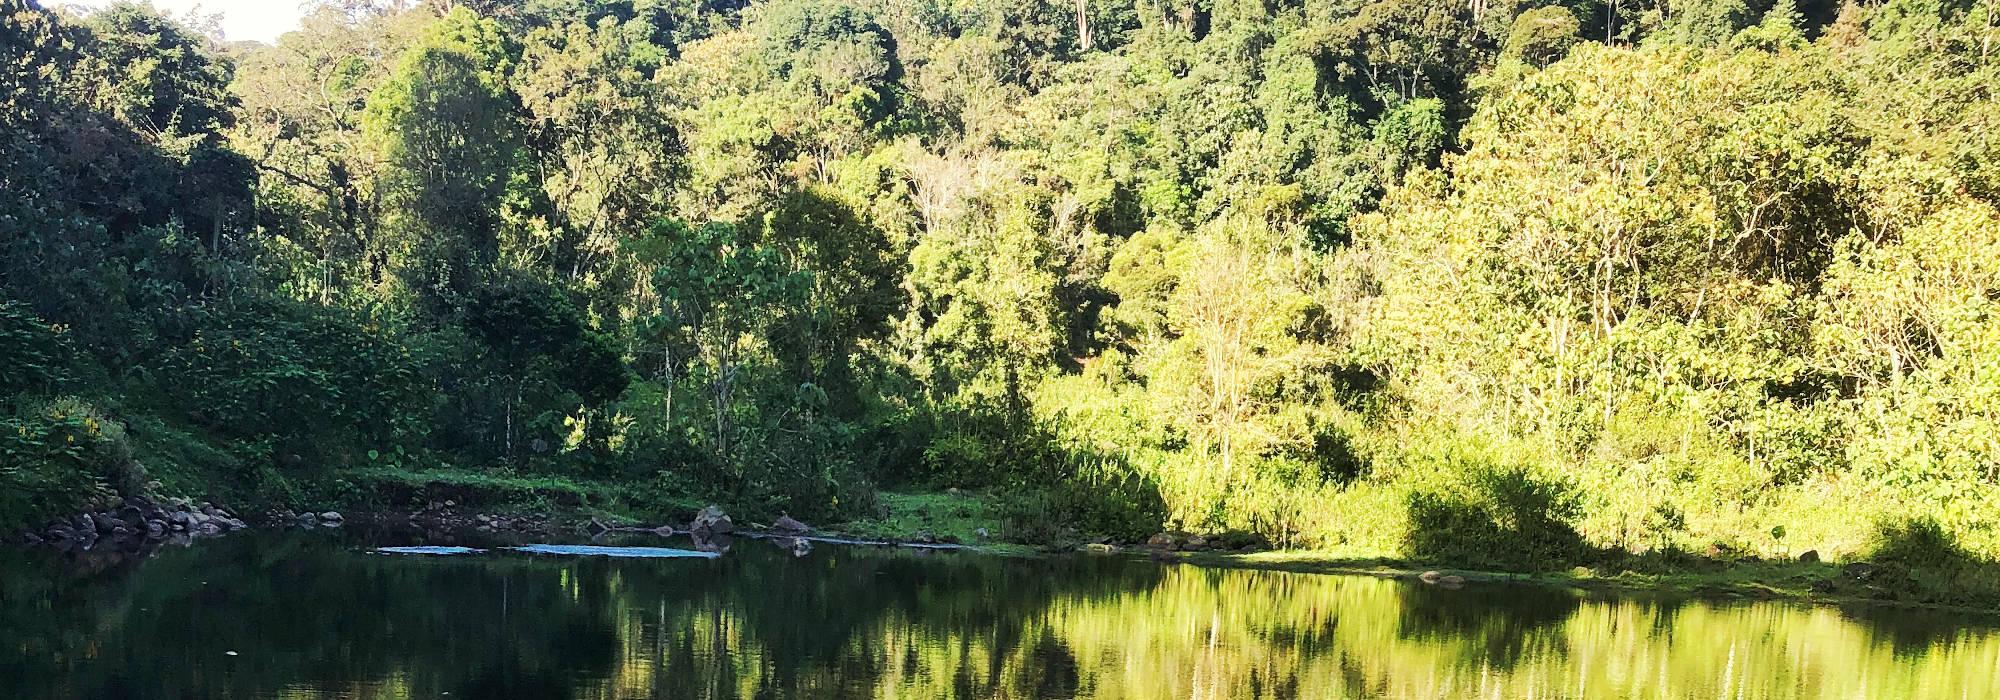 conservation of mt Kenya forest